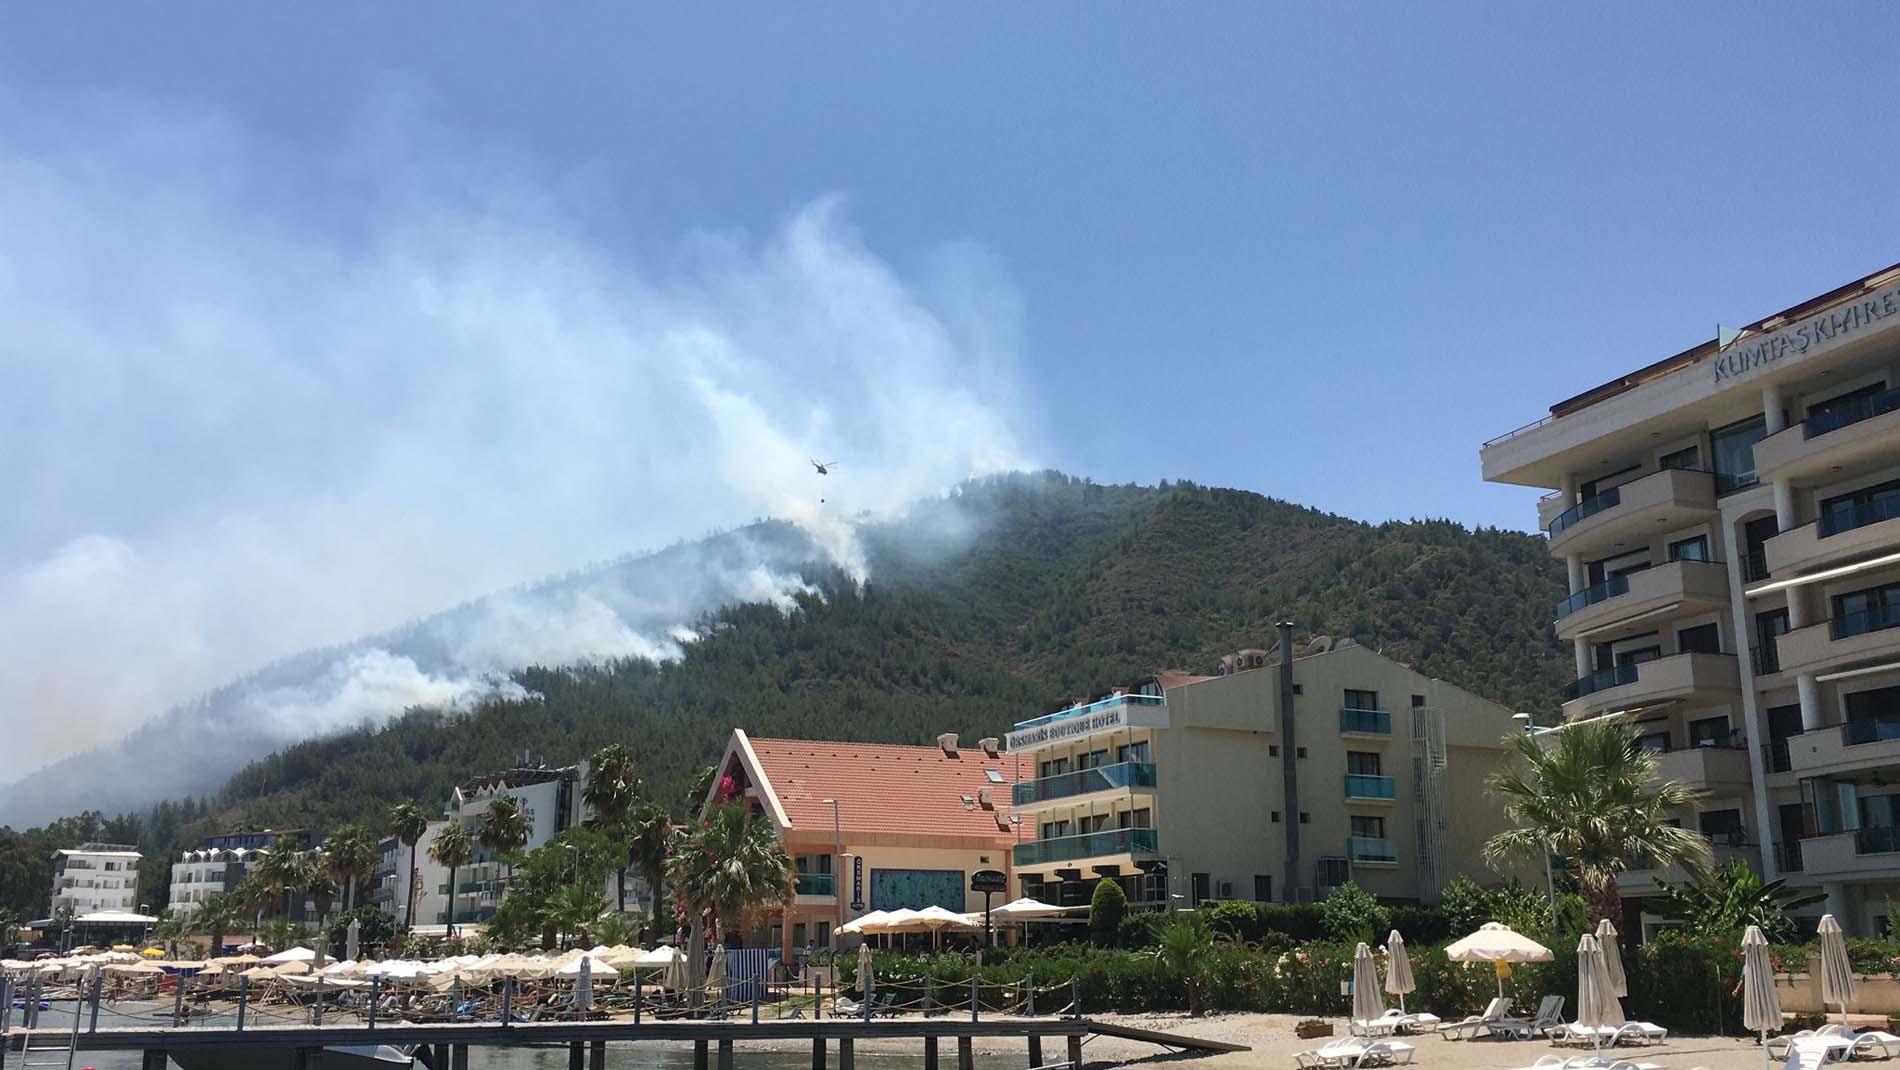 Son dakika | Muğla Marmaris'te orman yangını çıktı! Ekipler müdahale ediyor, dumanlar göğü kapladı